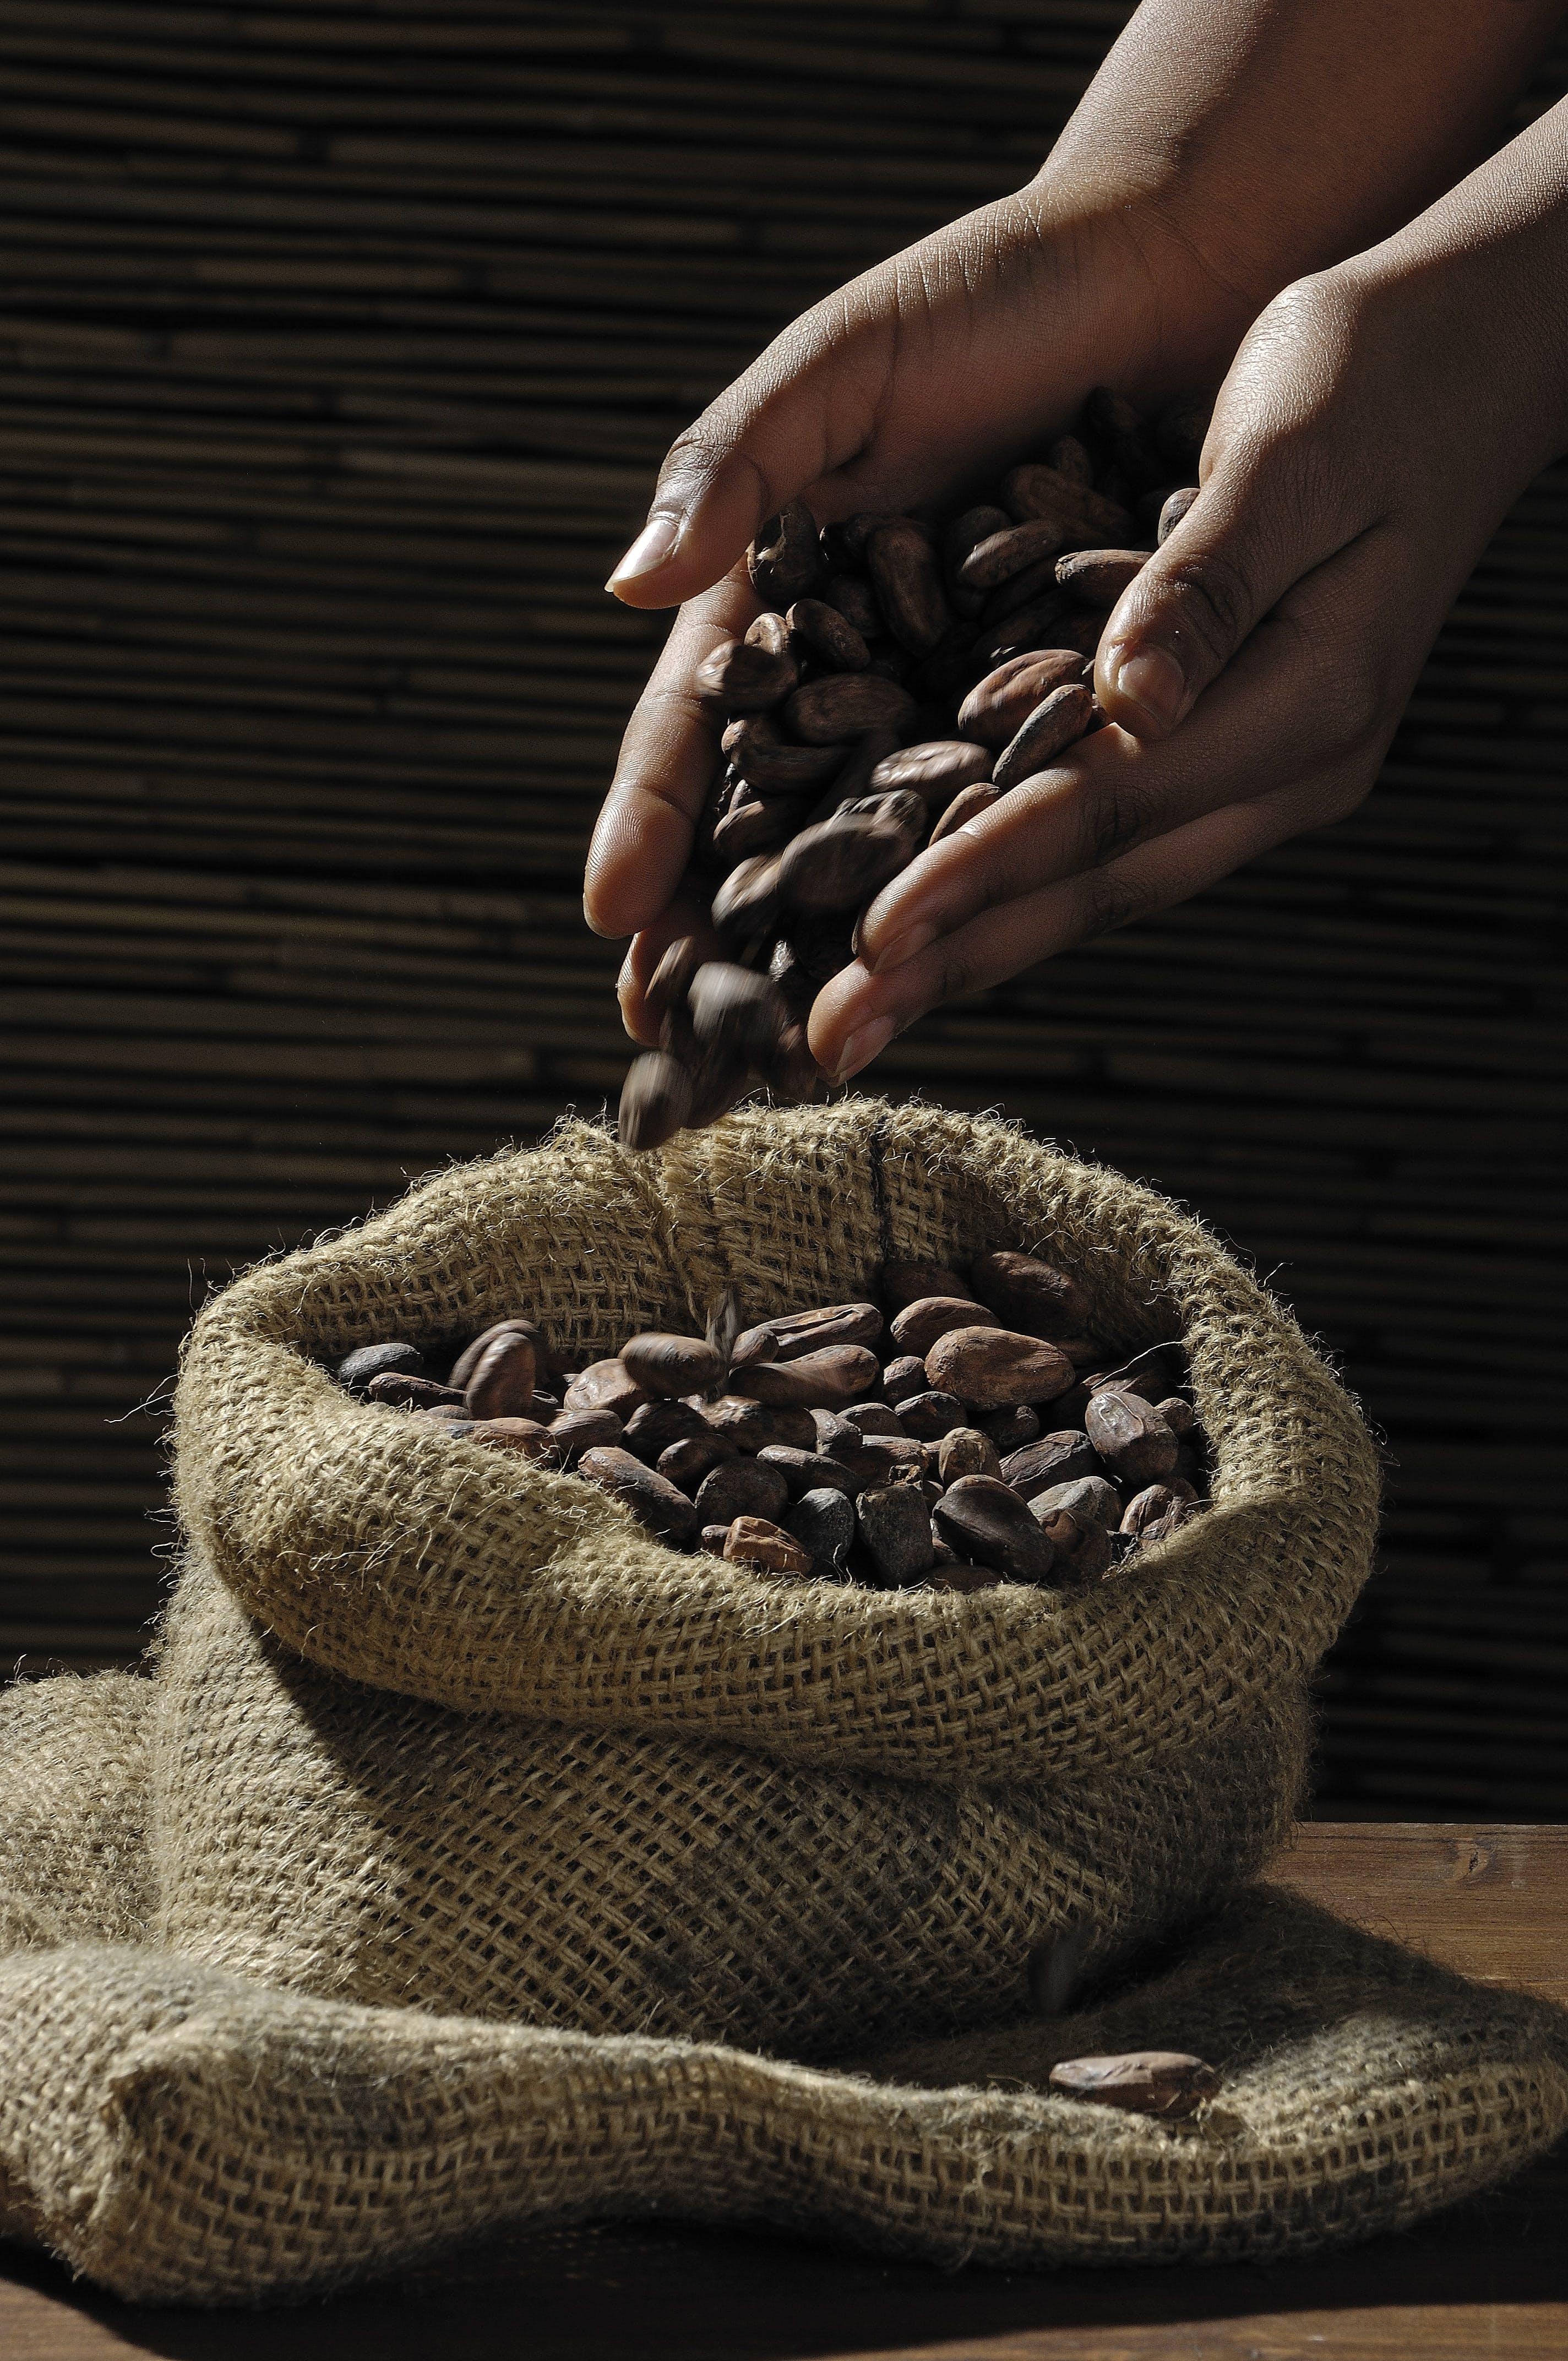 咖啡, 咖啡因, 手, 袋 的 免費圖庫相片